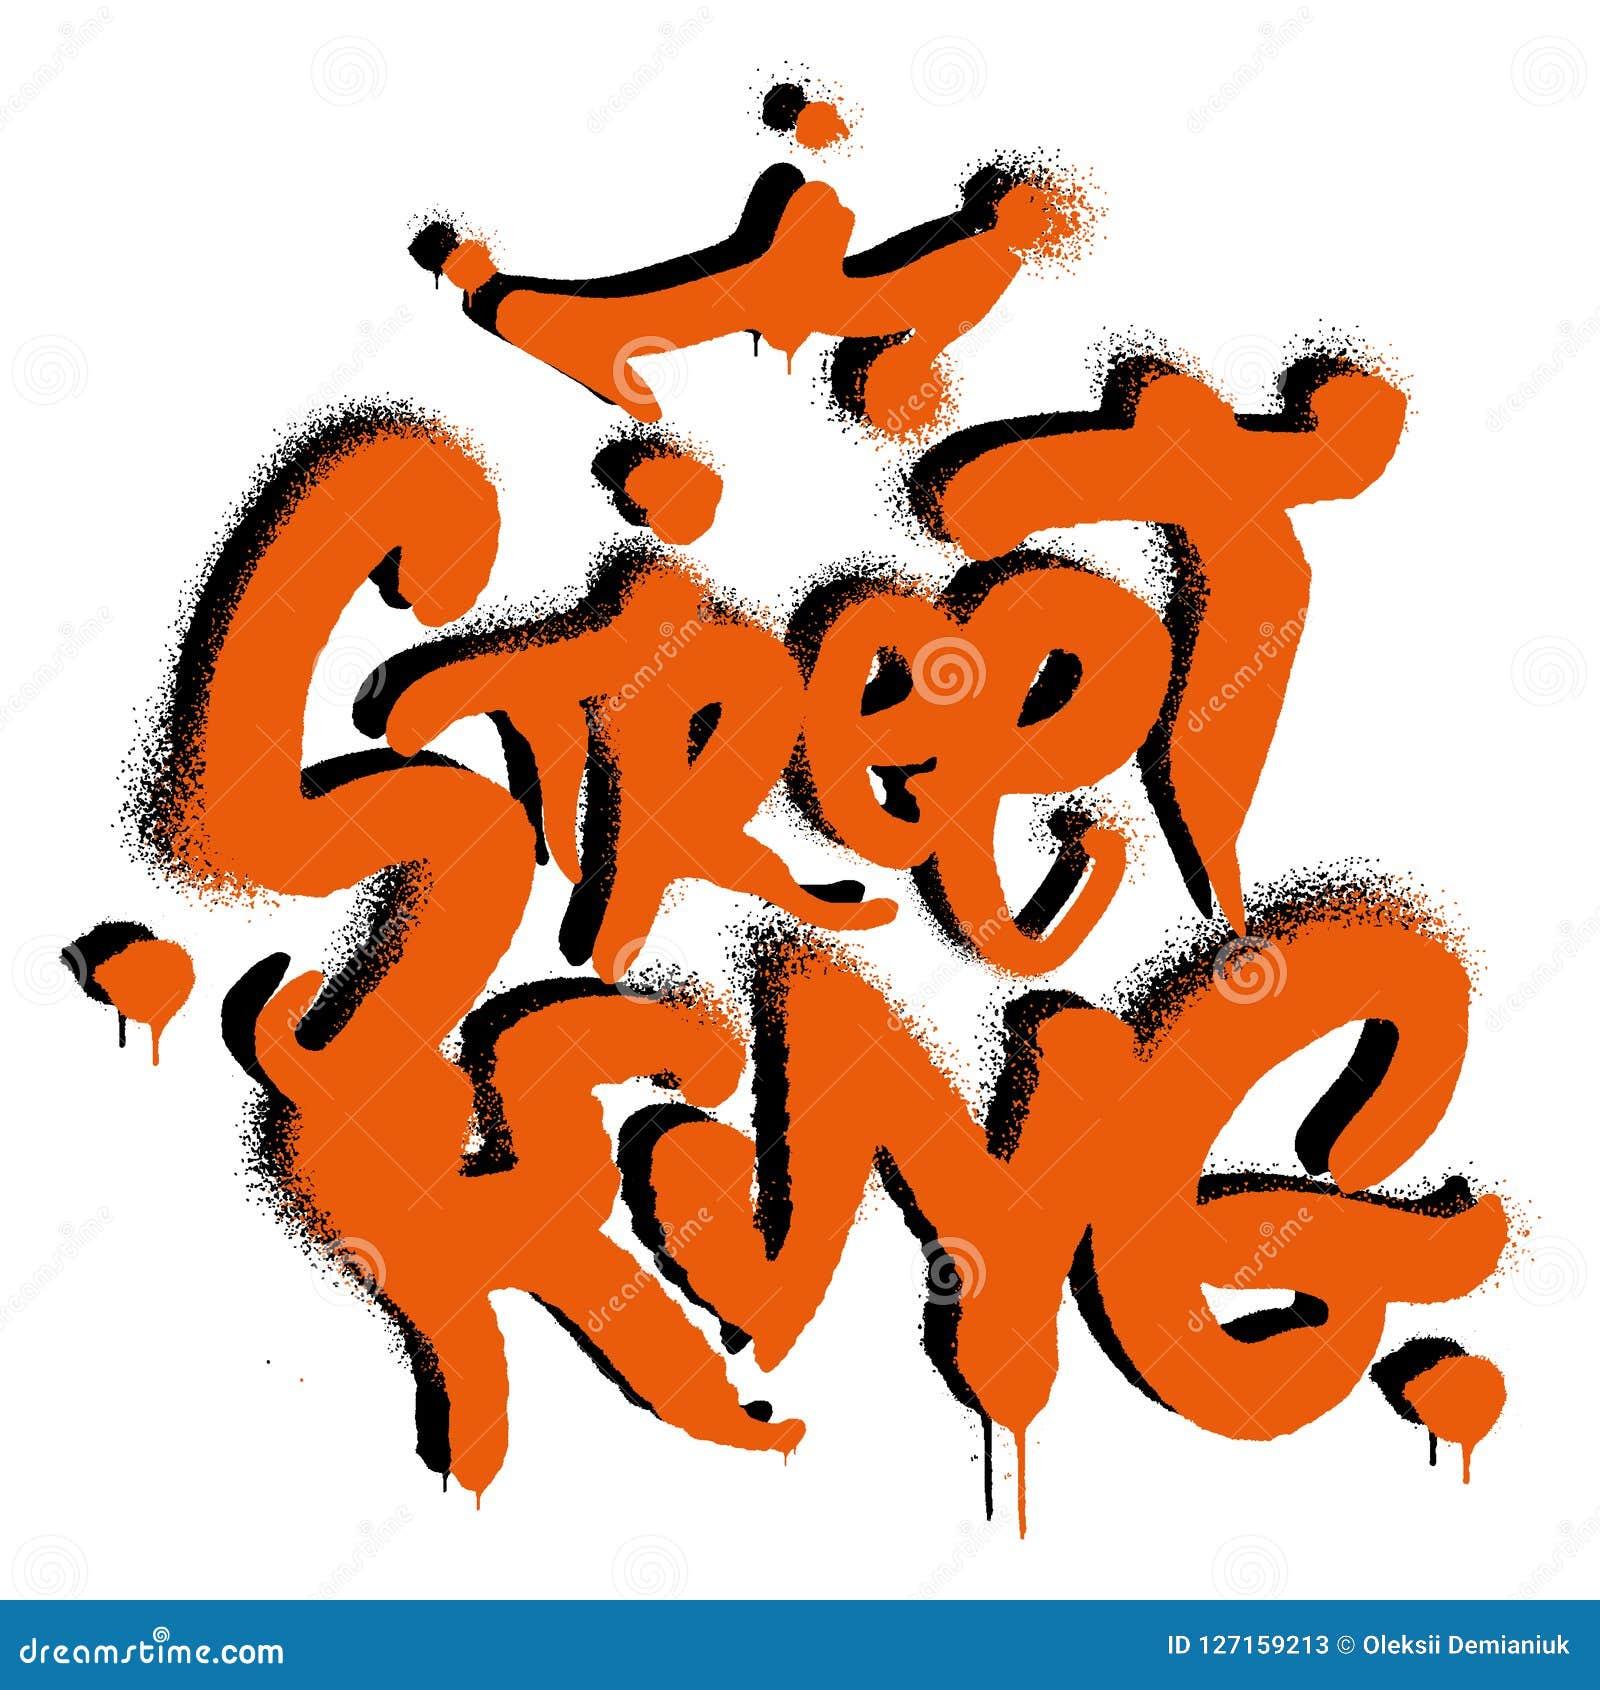 Graffiti de roi de rue